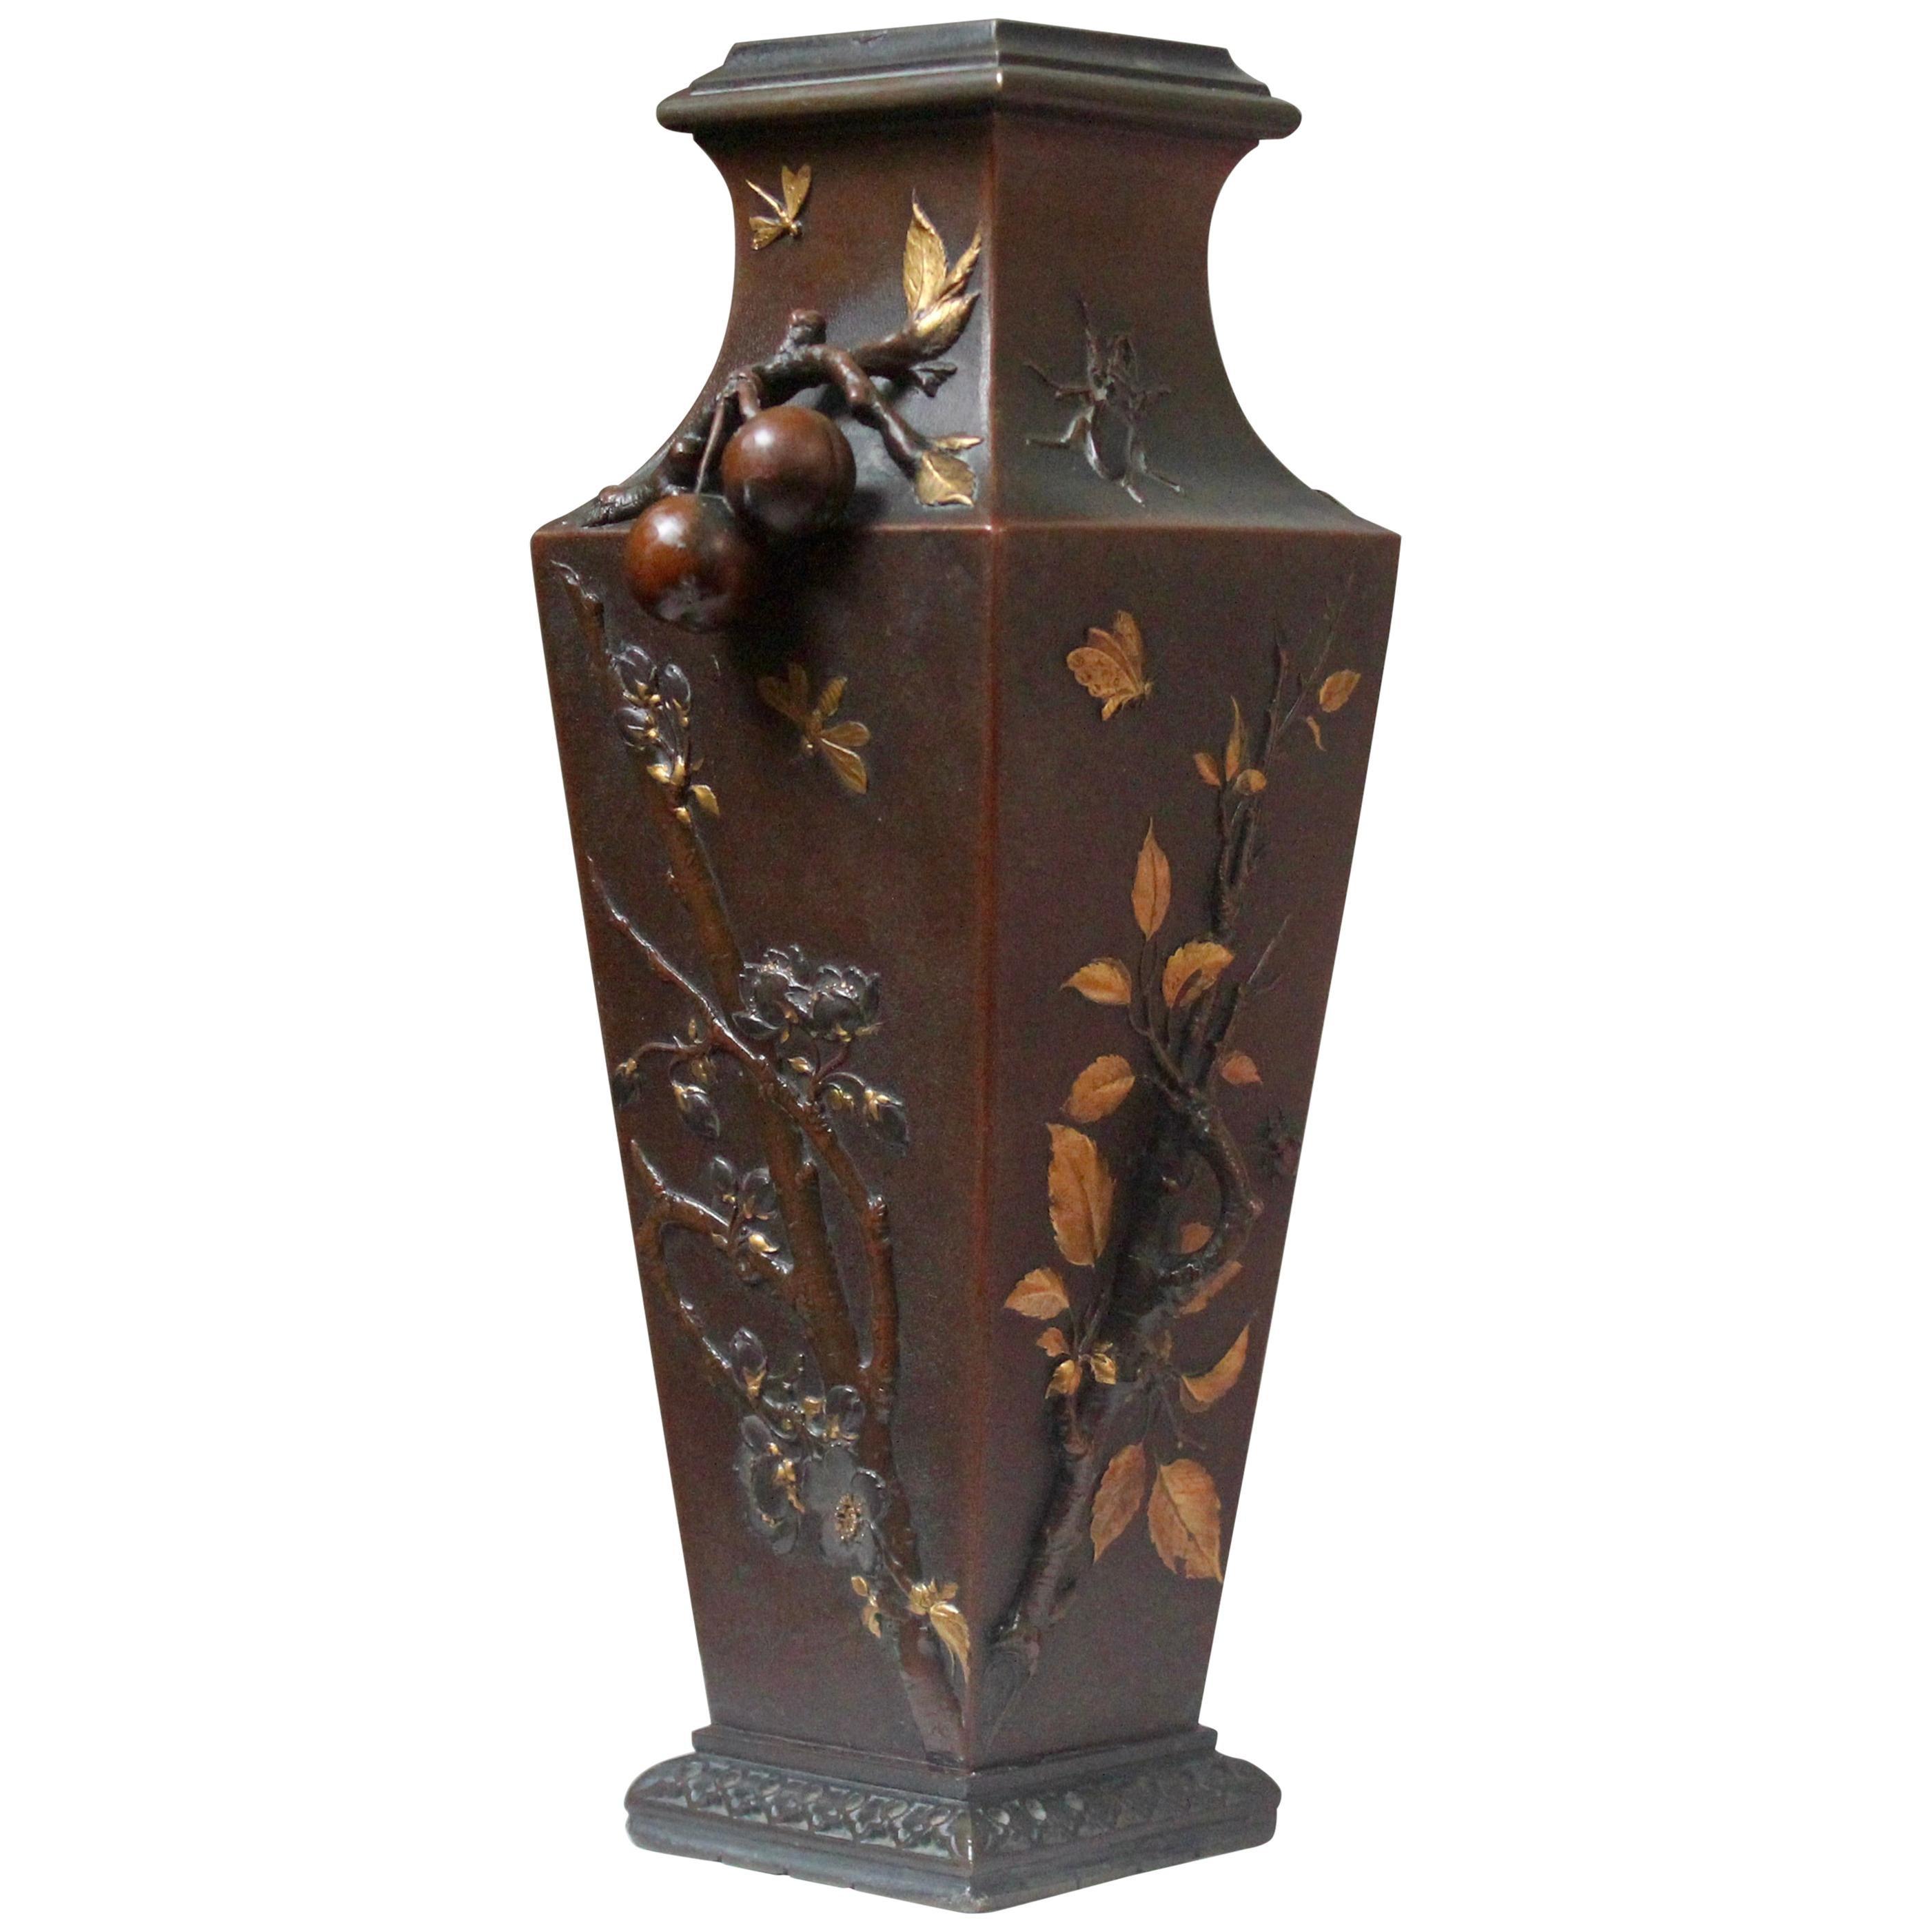 19th Century French Art Nouveau Japonisme Bronze Vase by Léopold Oudry